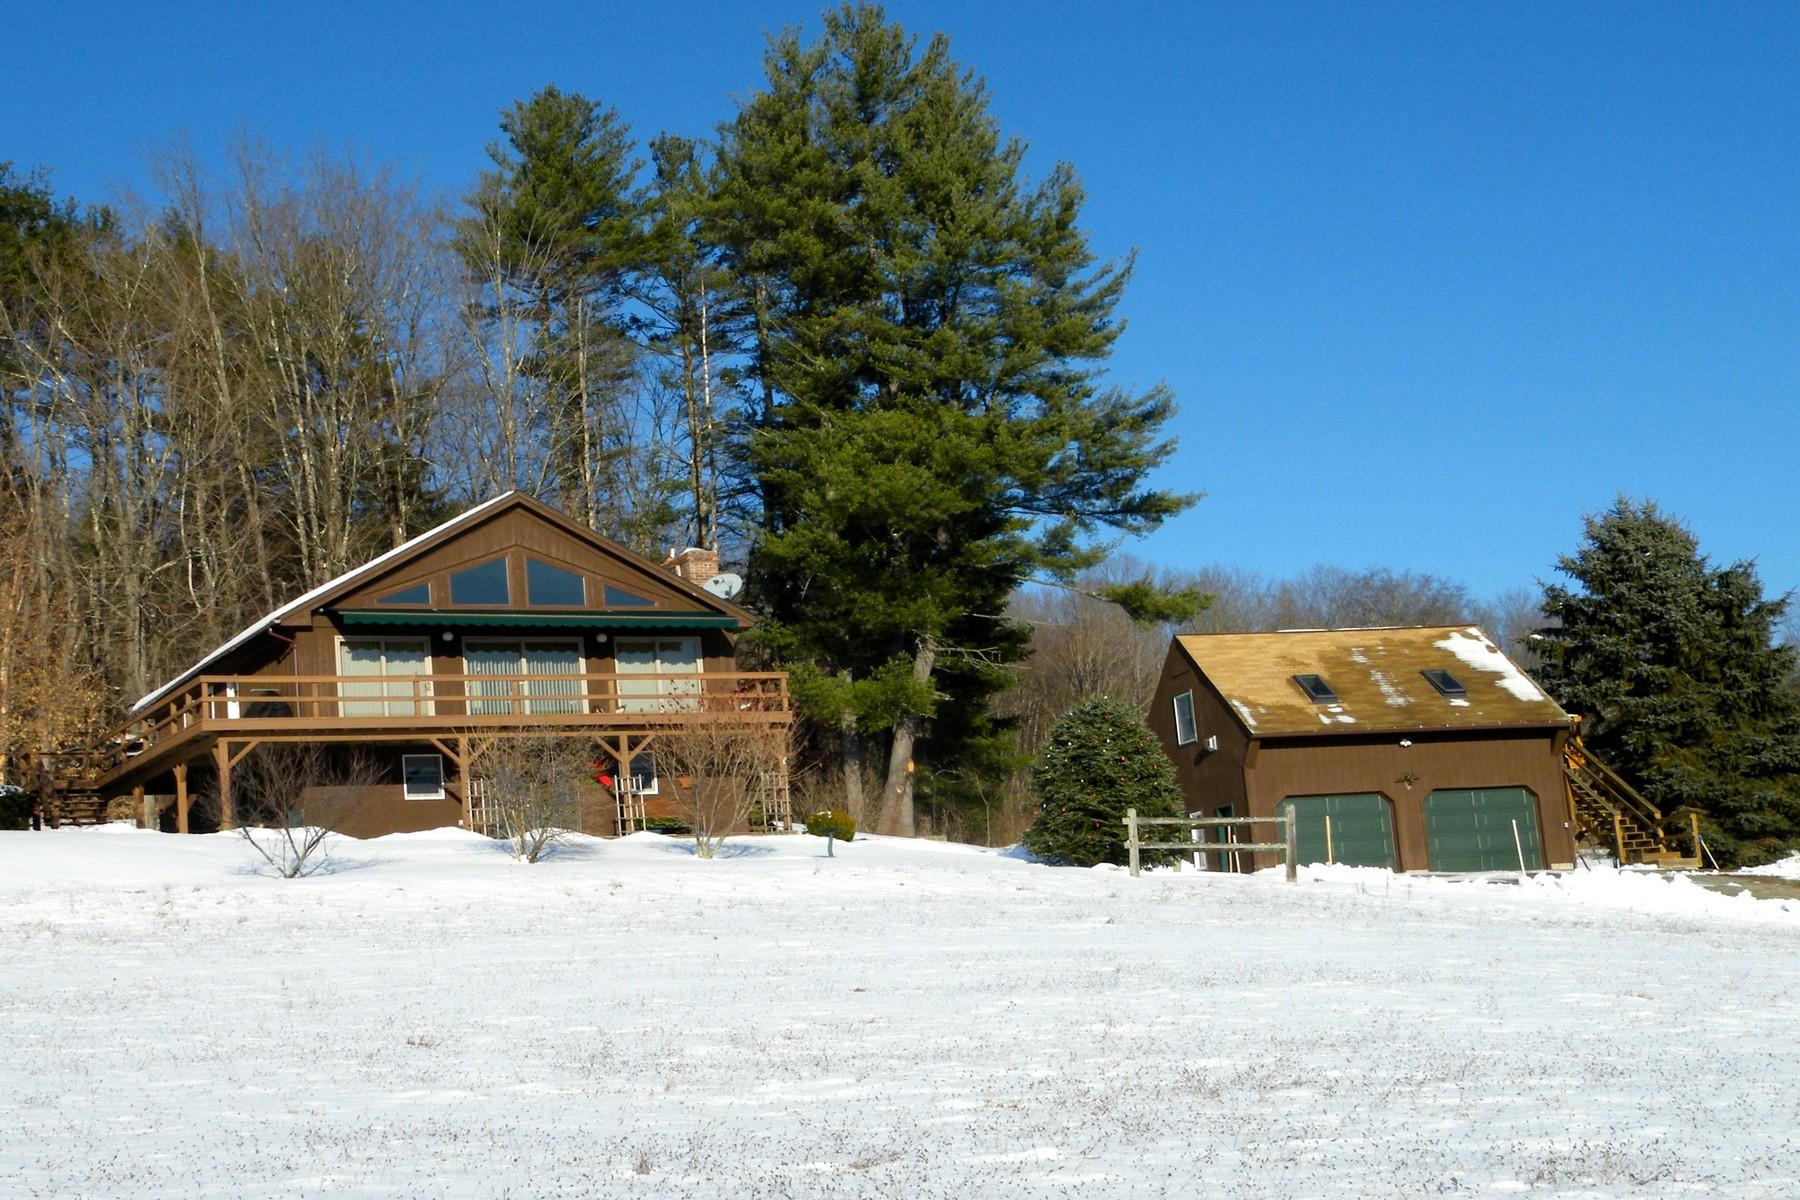 Villa per Vendita alle ore 122 Parker Hill Road, Rockingham 122 Parker Hill Rd Rockingham, Vermont, 05101 Stati Uniti